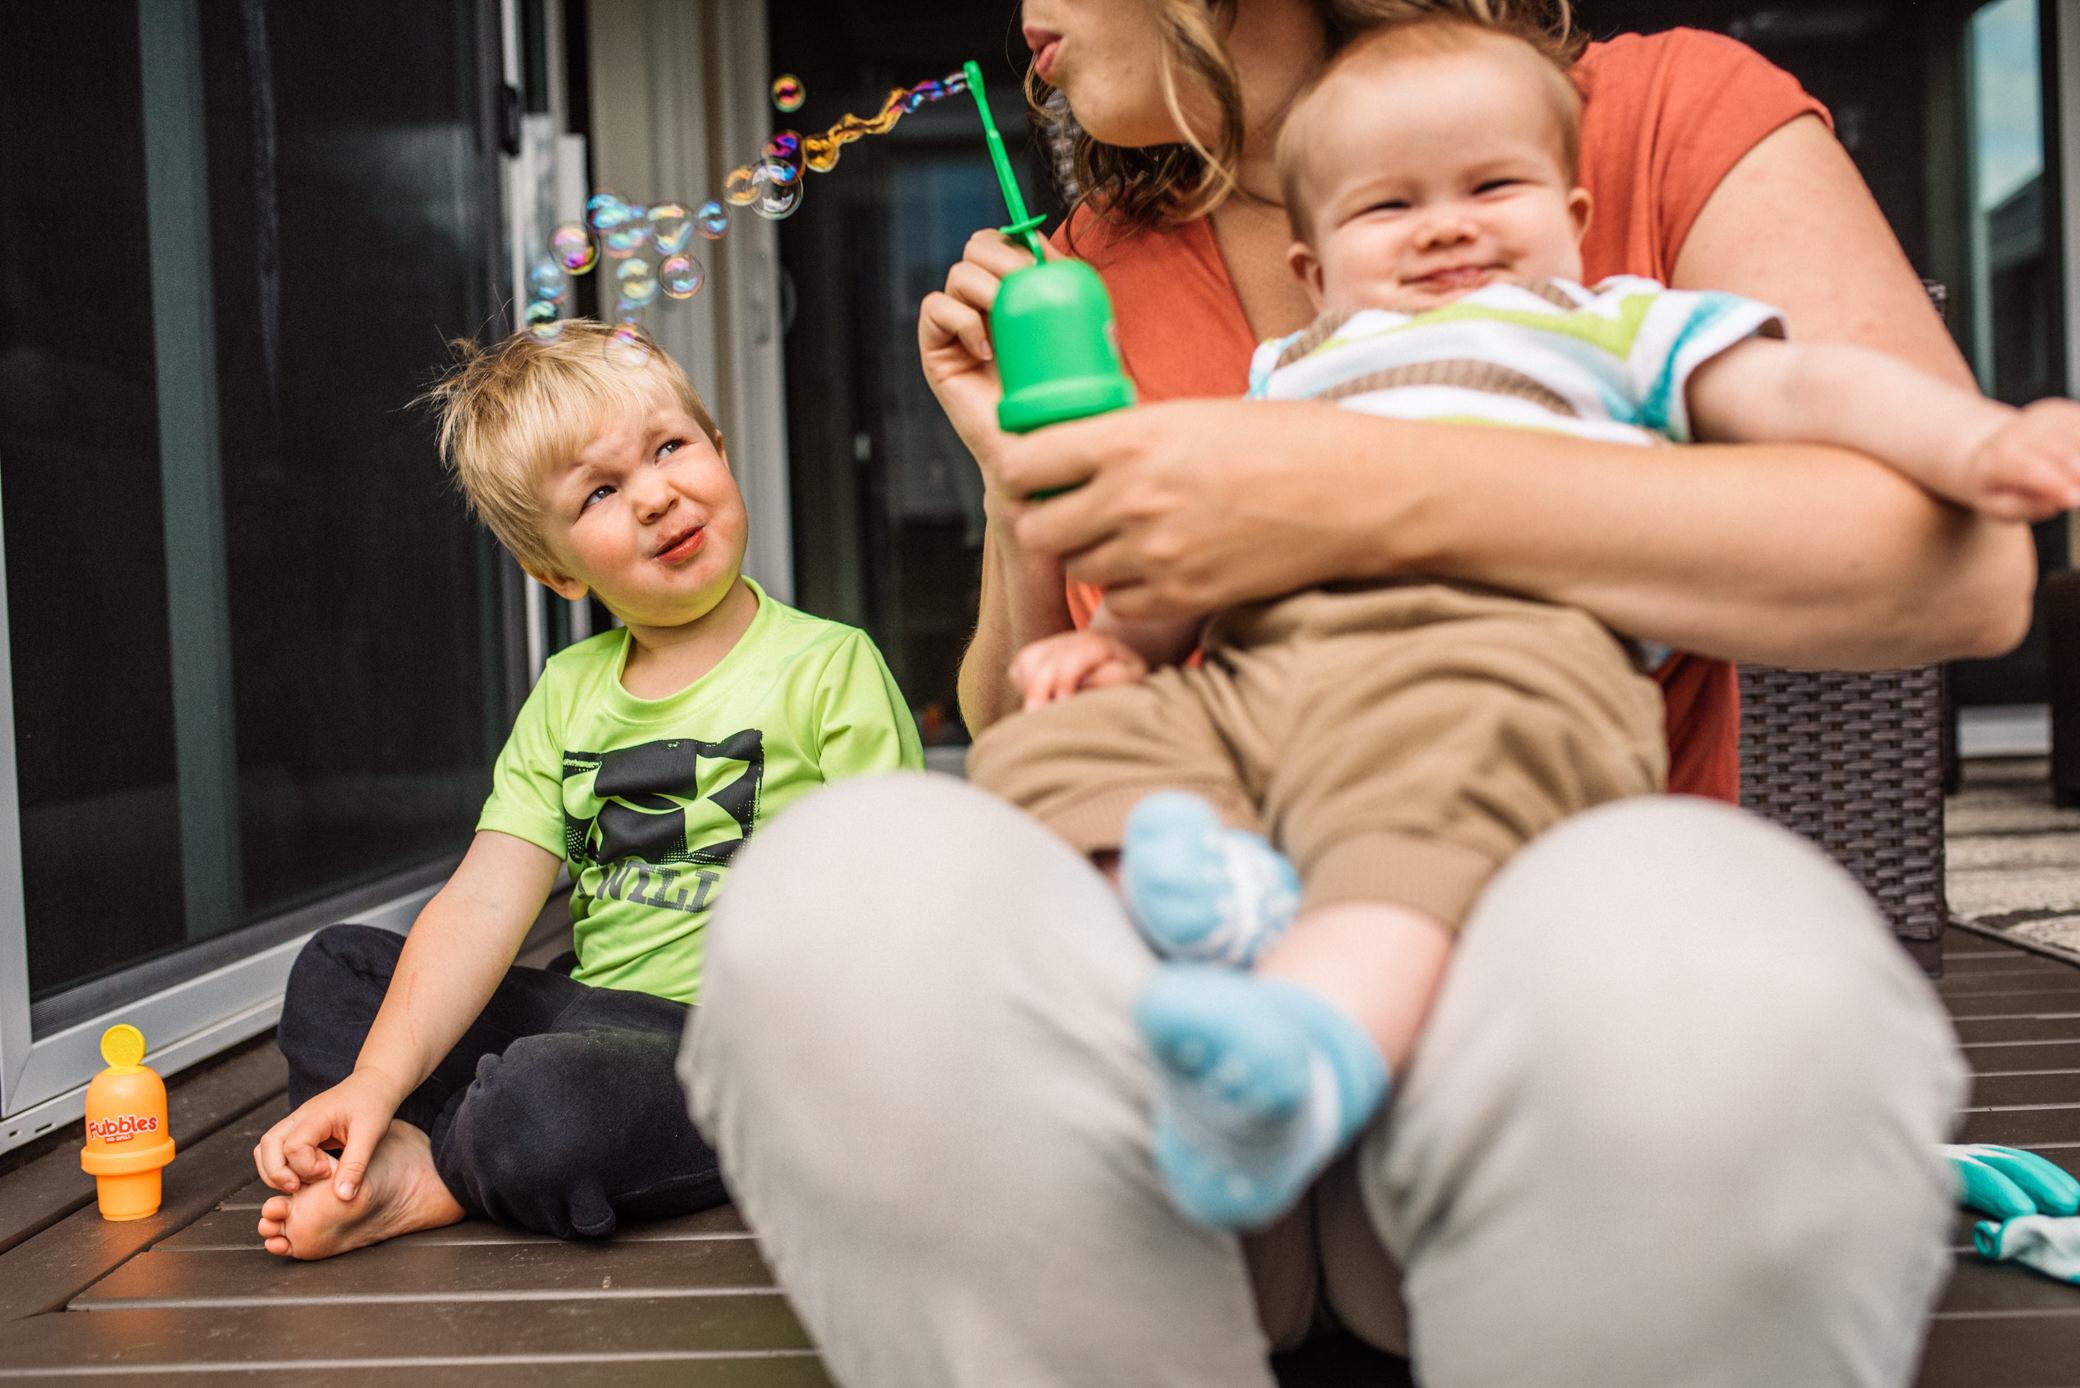 seattle-family-photographers-jennifer-tai-the-popes-021.jpg